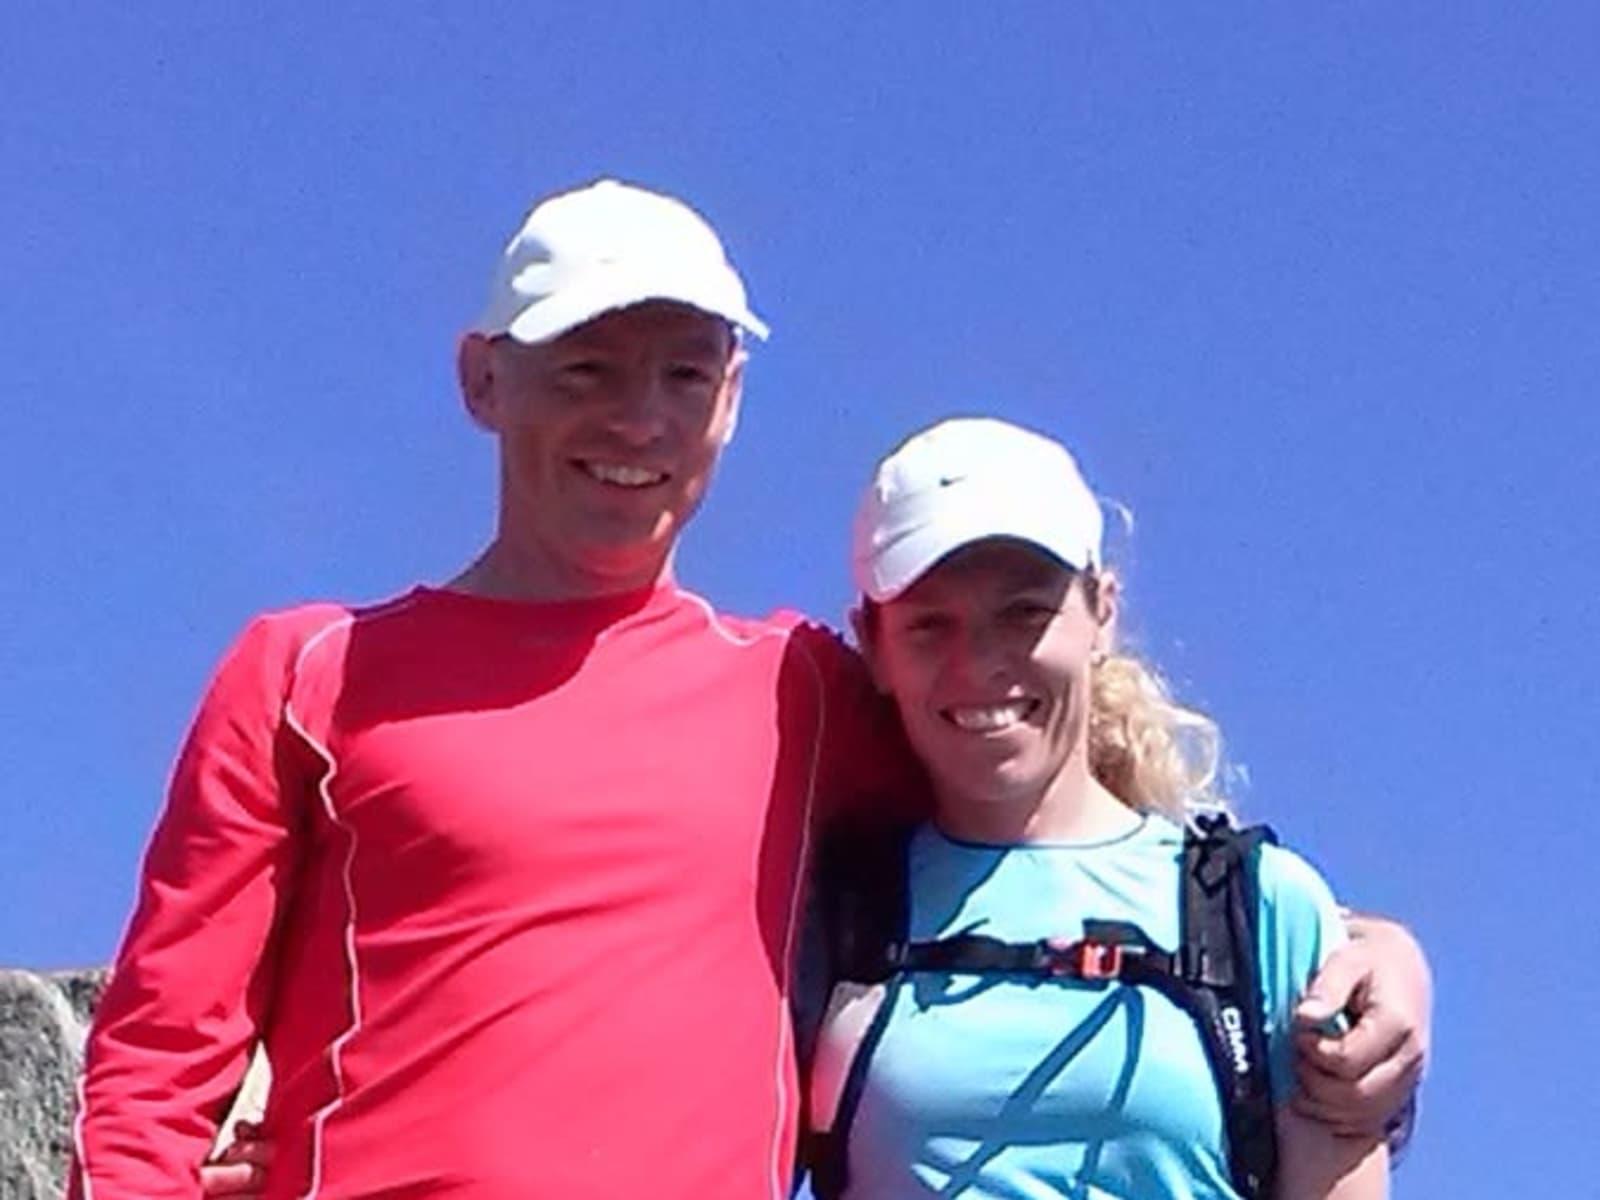 Keri & Rob from Lower Hutt, New Zealand